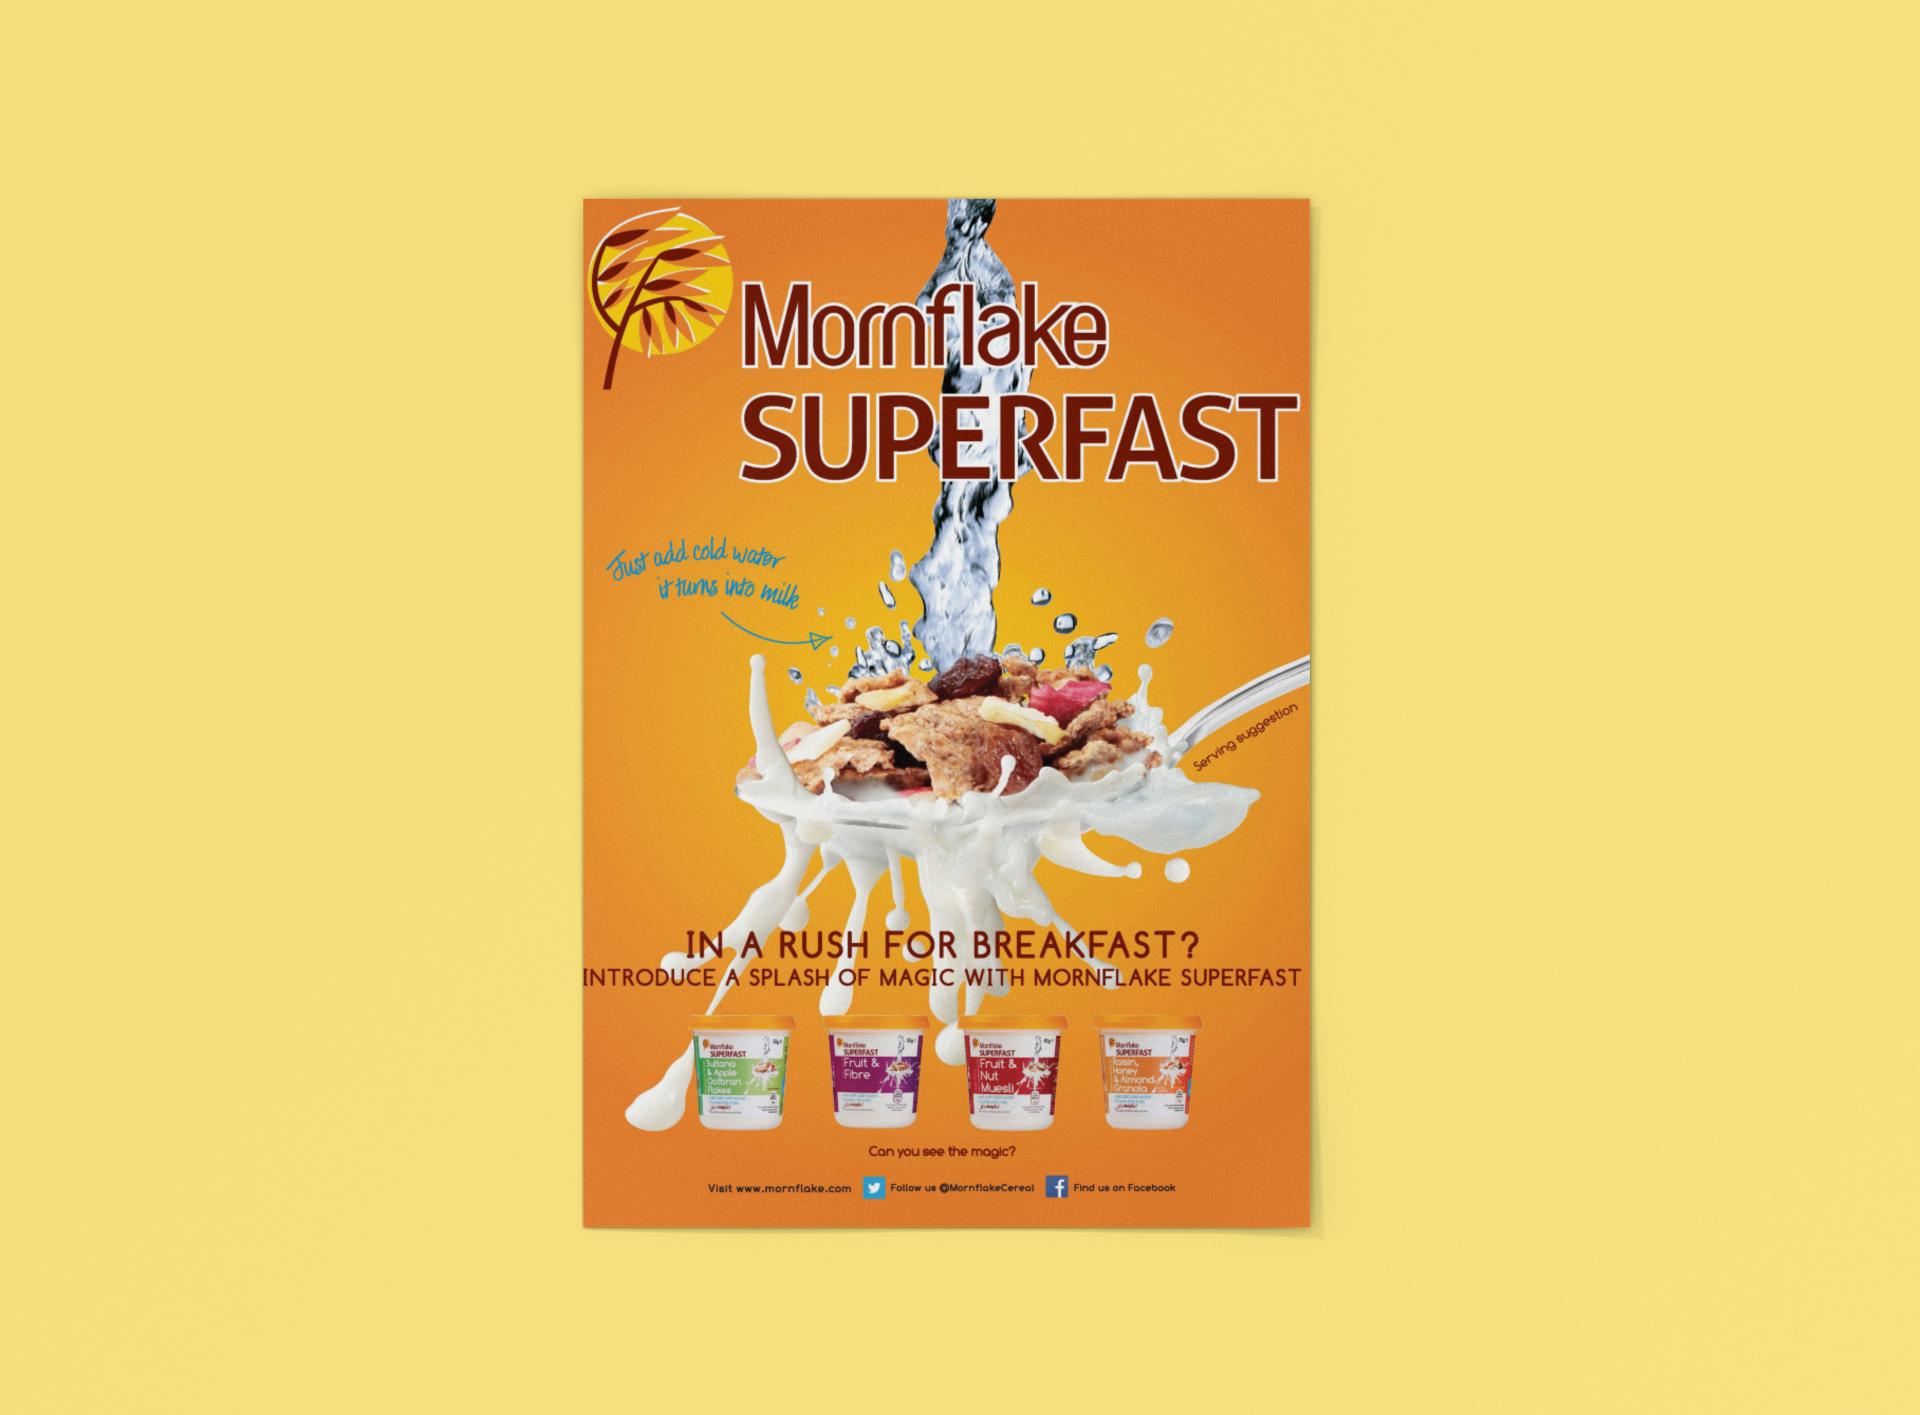 Cereal advert design for Mornflake